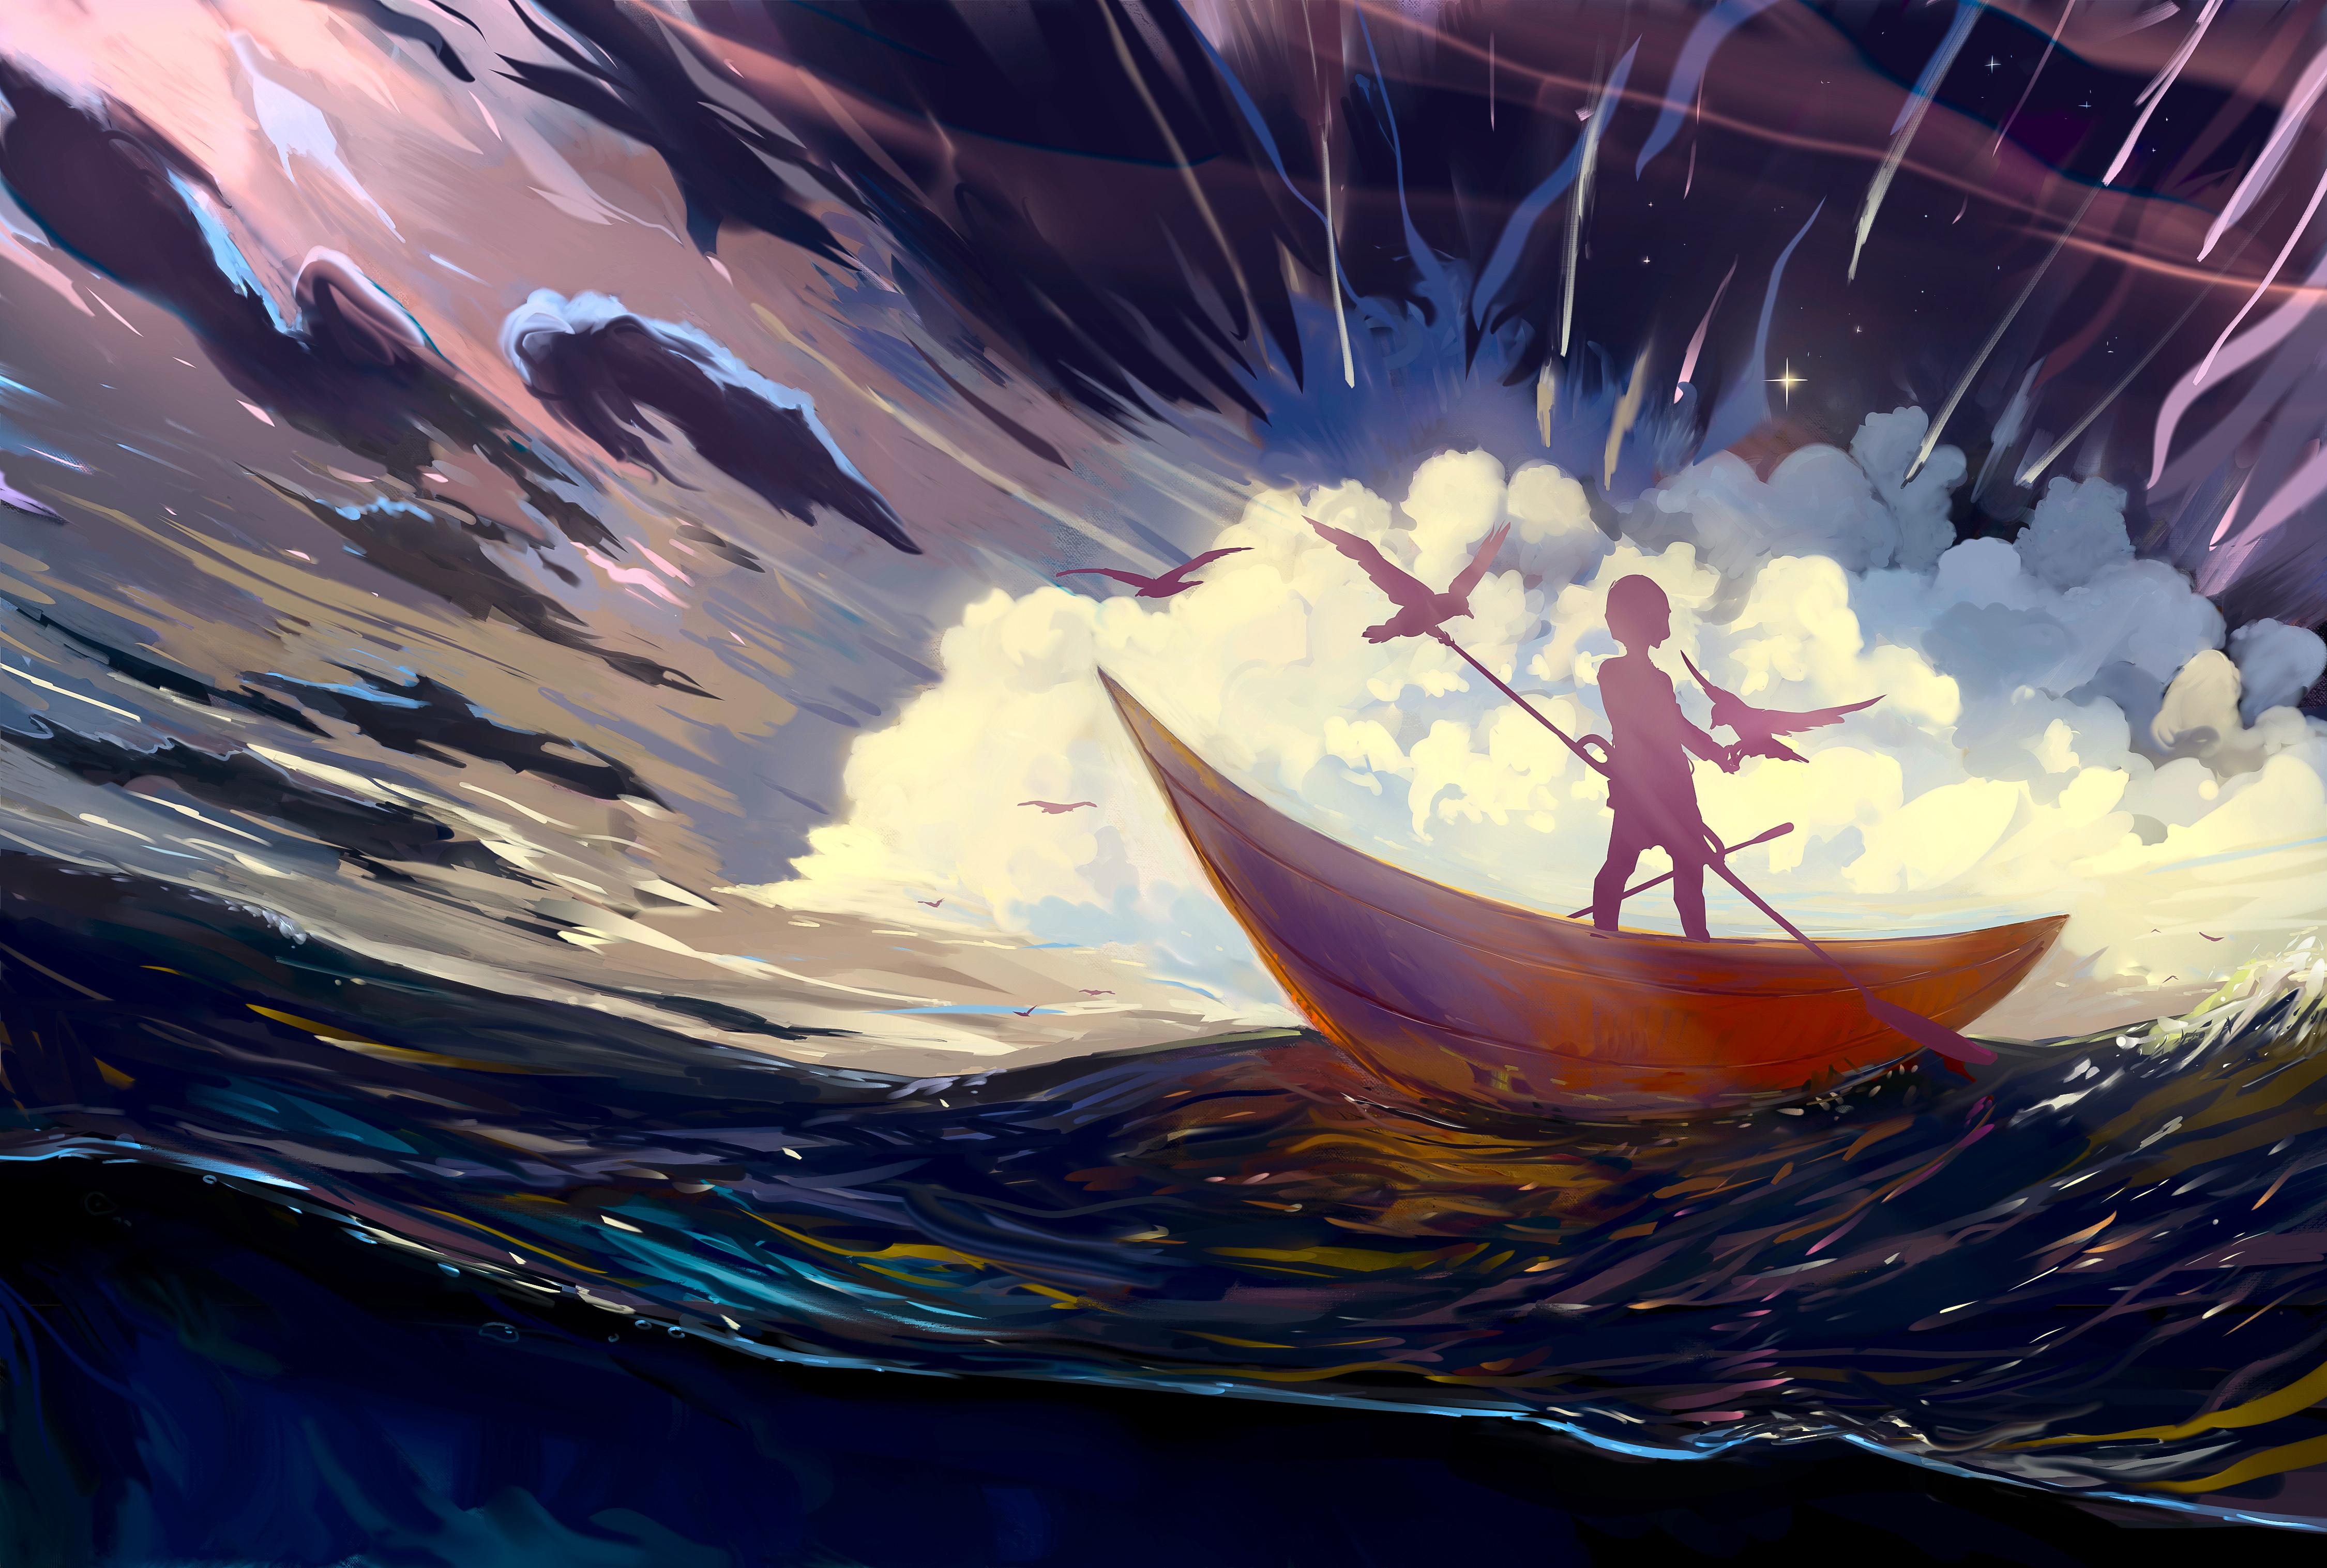 70318 Hintergrundbild herunterladen Vögel, Kunst, Silhouette, Ein Boot, Boot, Allein, Einsam, Sturm - Bildschirmschoner und Bilder kostenlos